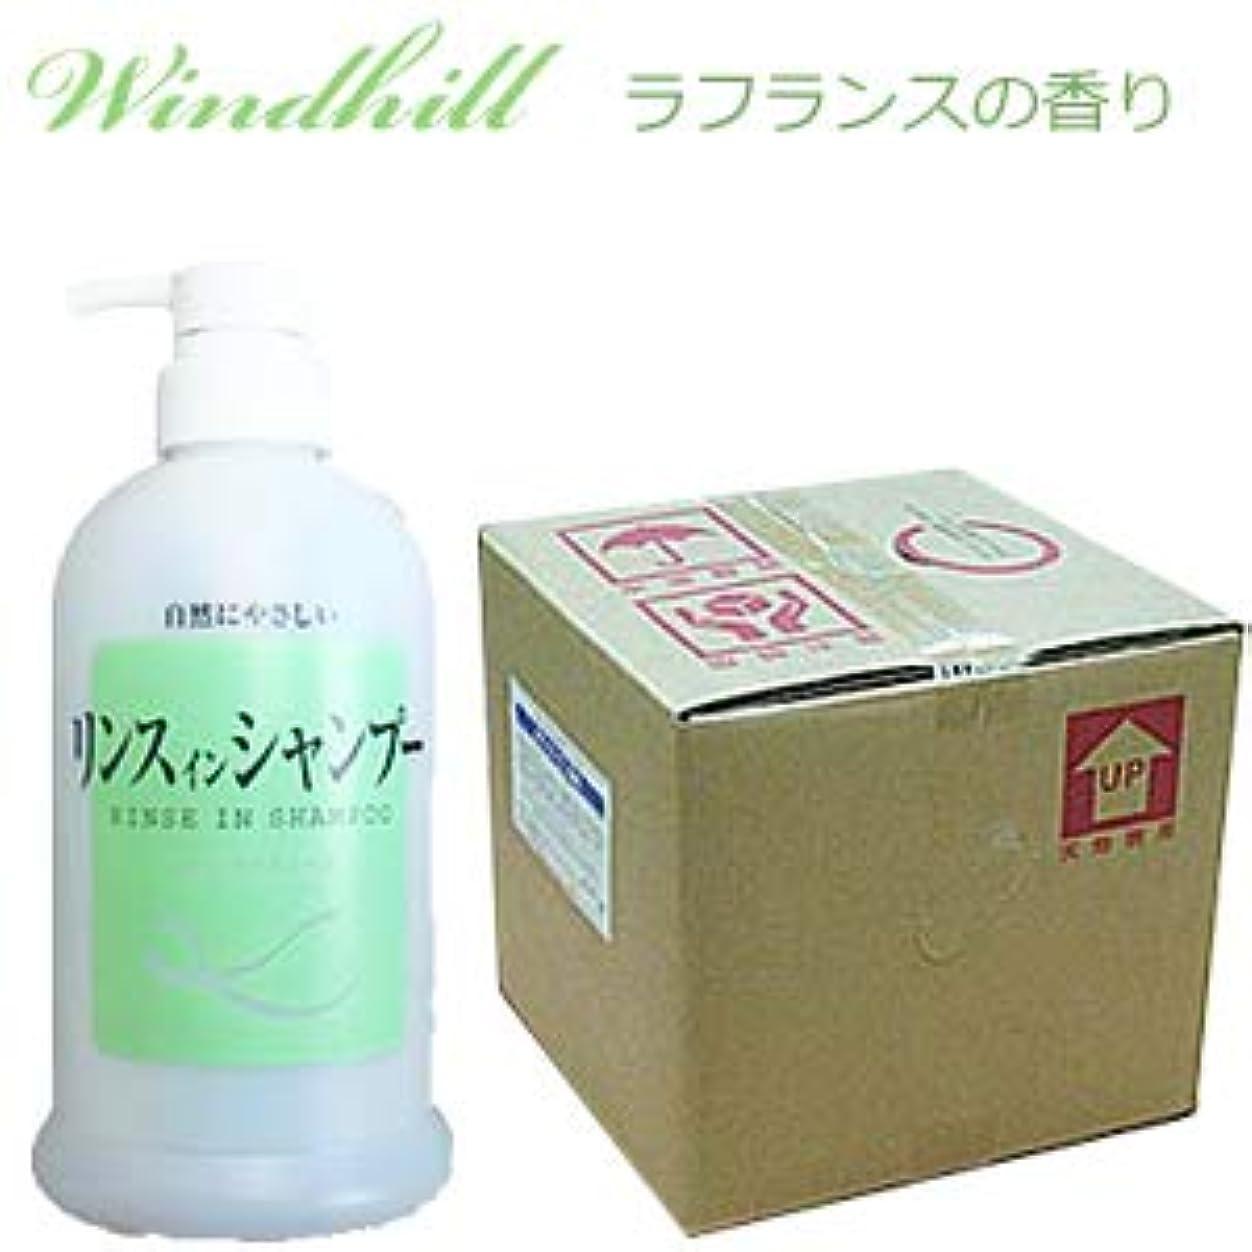 クラッチうなり声悪用500ml当り173円 Windhill 植物性 業務用 リンスイン シャンプー 爽やかなラフランスの香り 20L